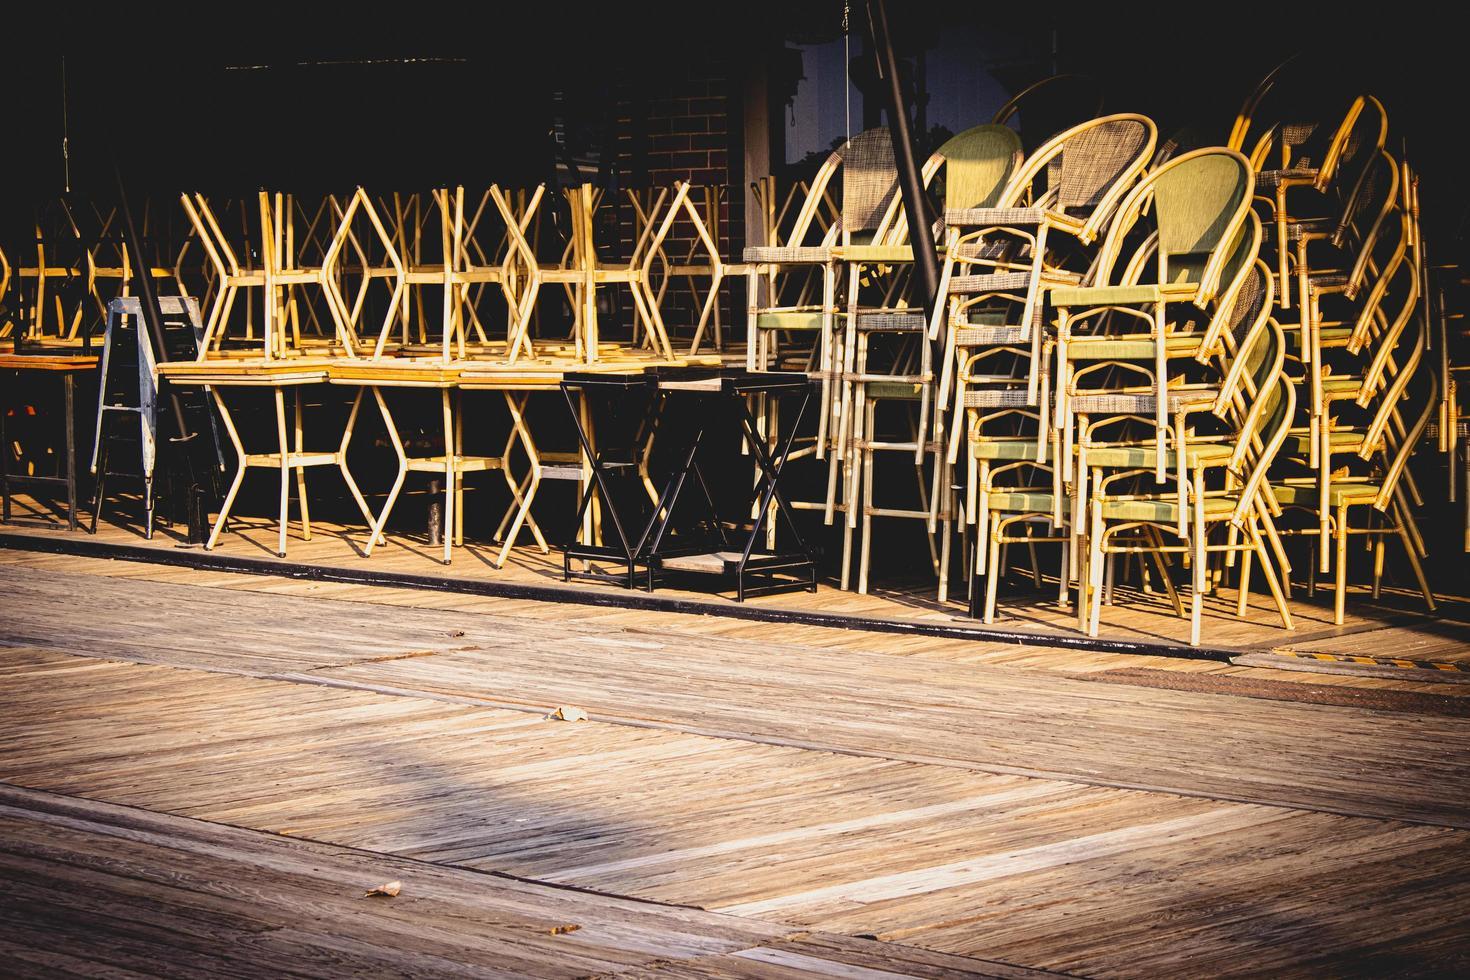 stoelen op tafels gesloten vanwege covid -19 foto